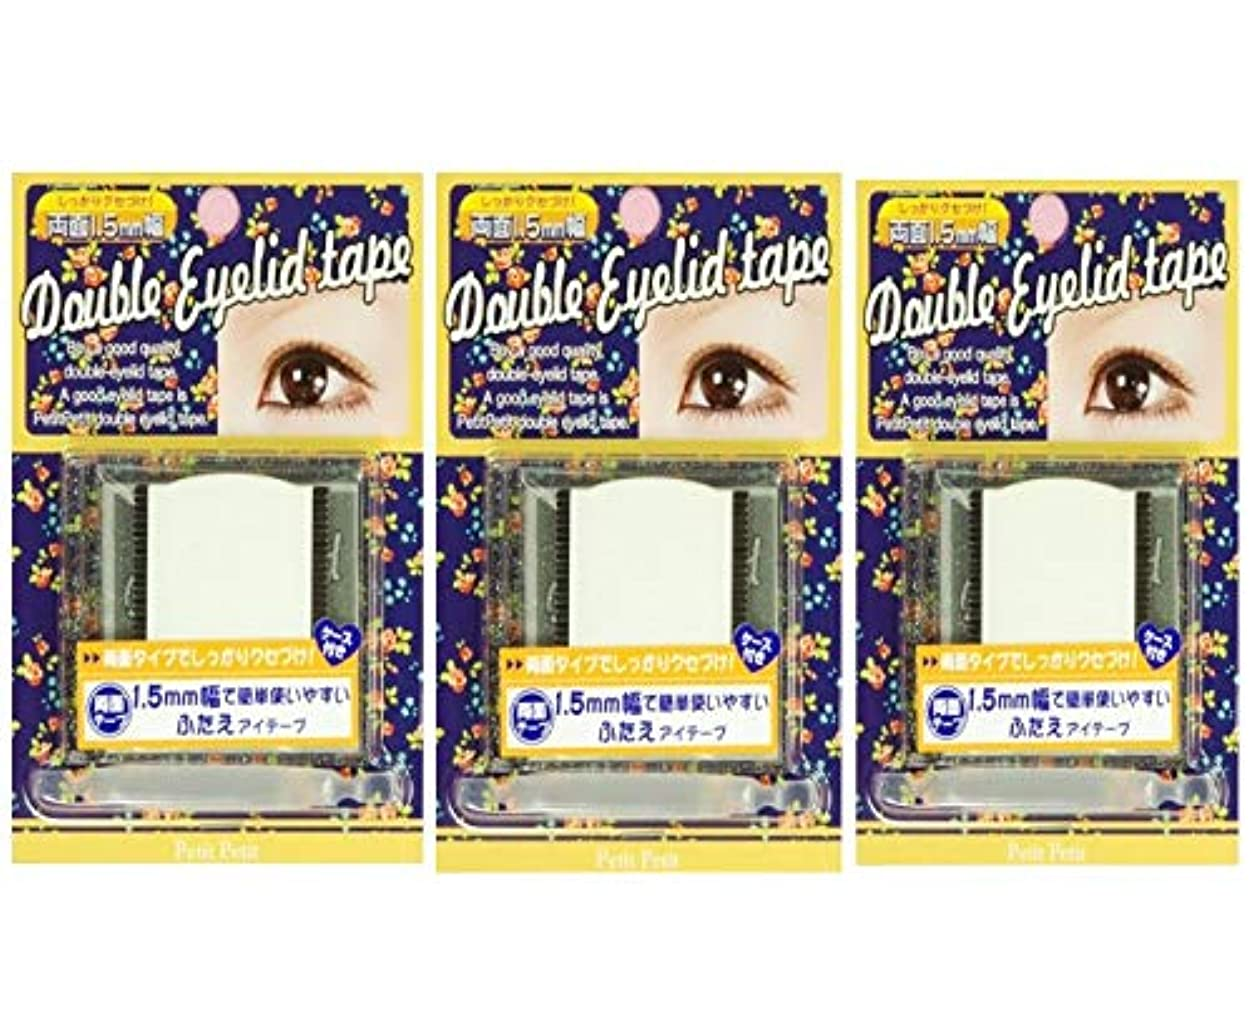 博物館ミル進む【まとめ買い3個セット】ダブルアイリッドテープ 両面1.5mm幅